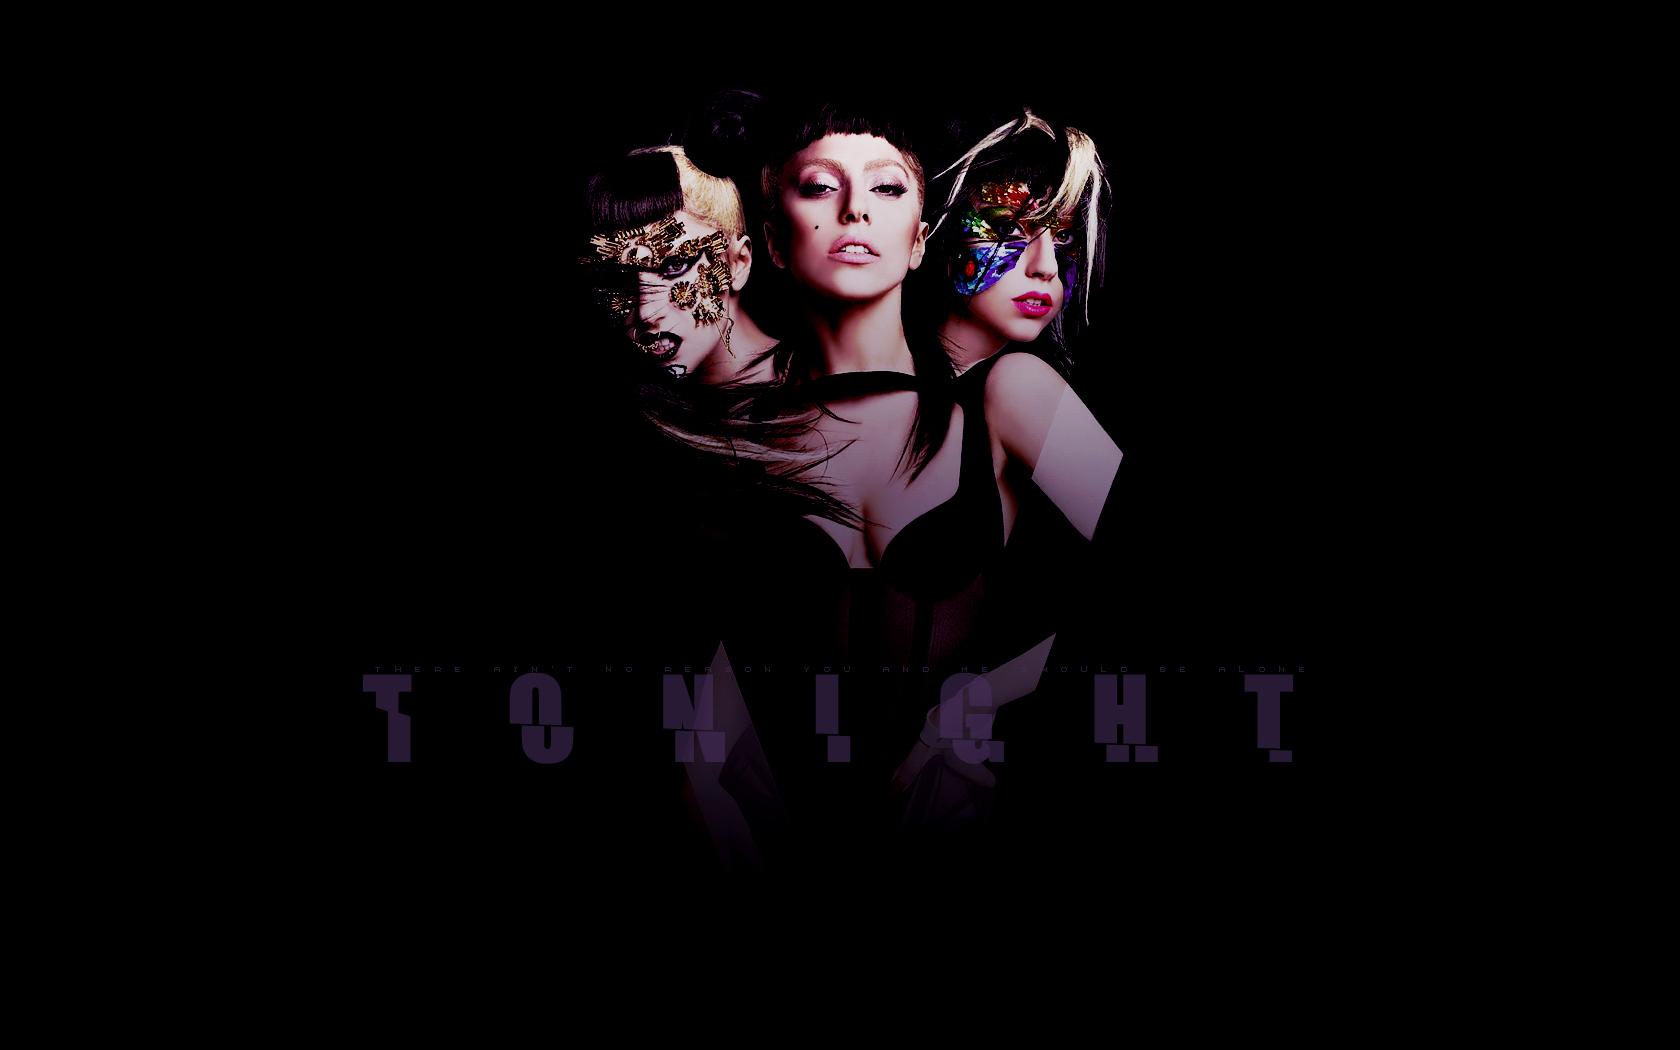 壁紙 Lady Gaga レディ ガガ Fan